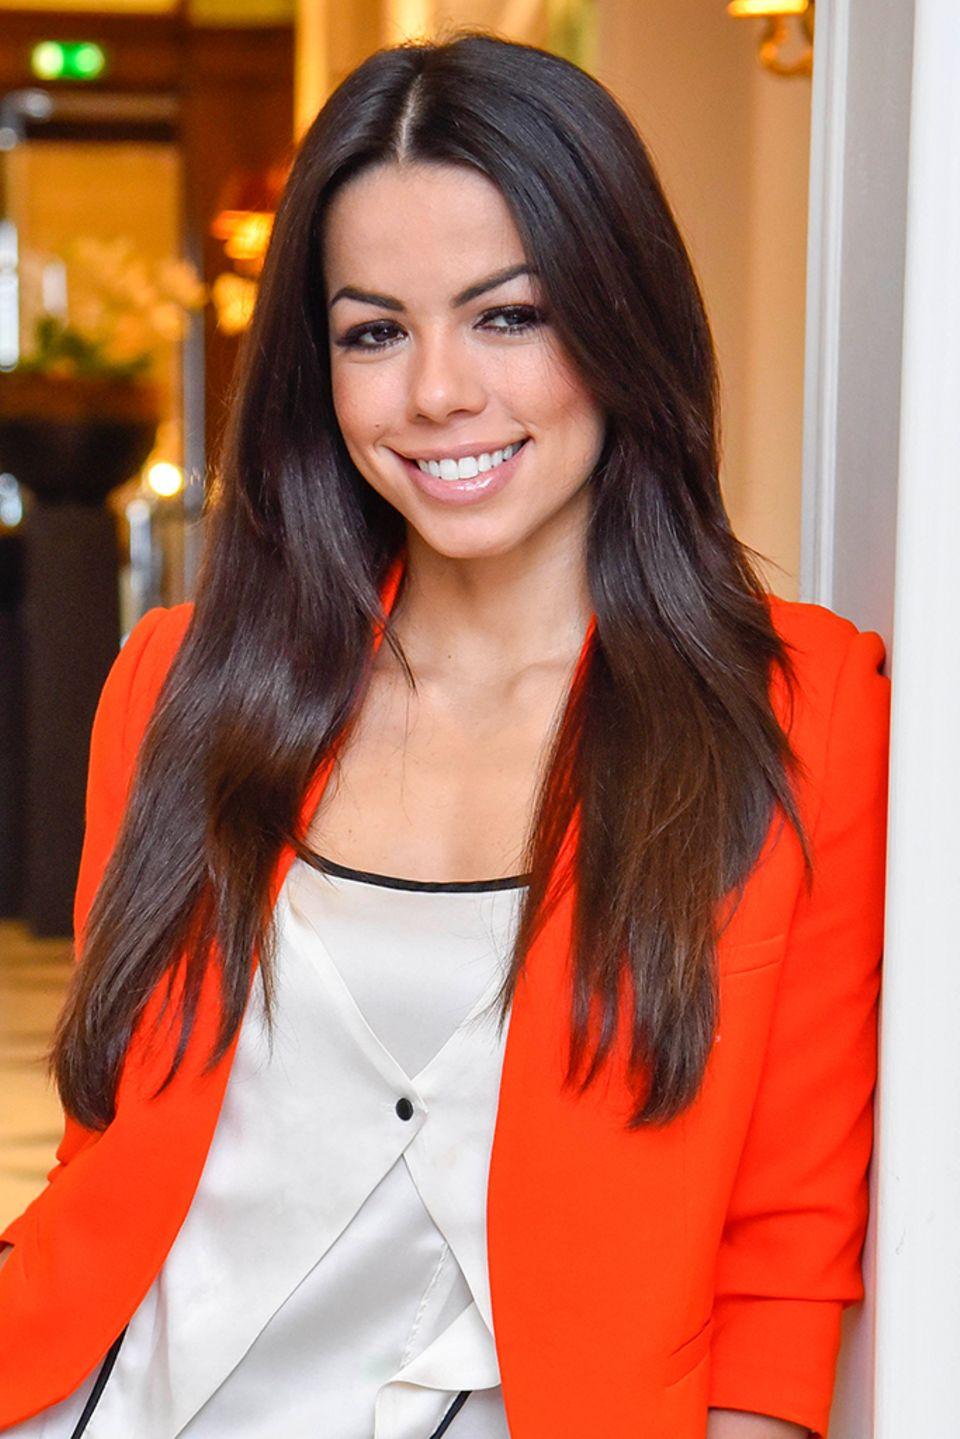 Fernanda Brandao